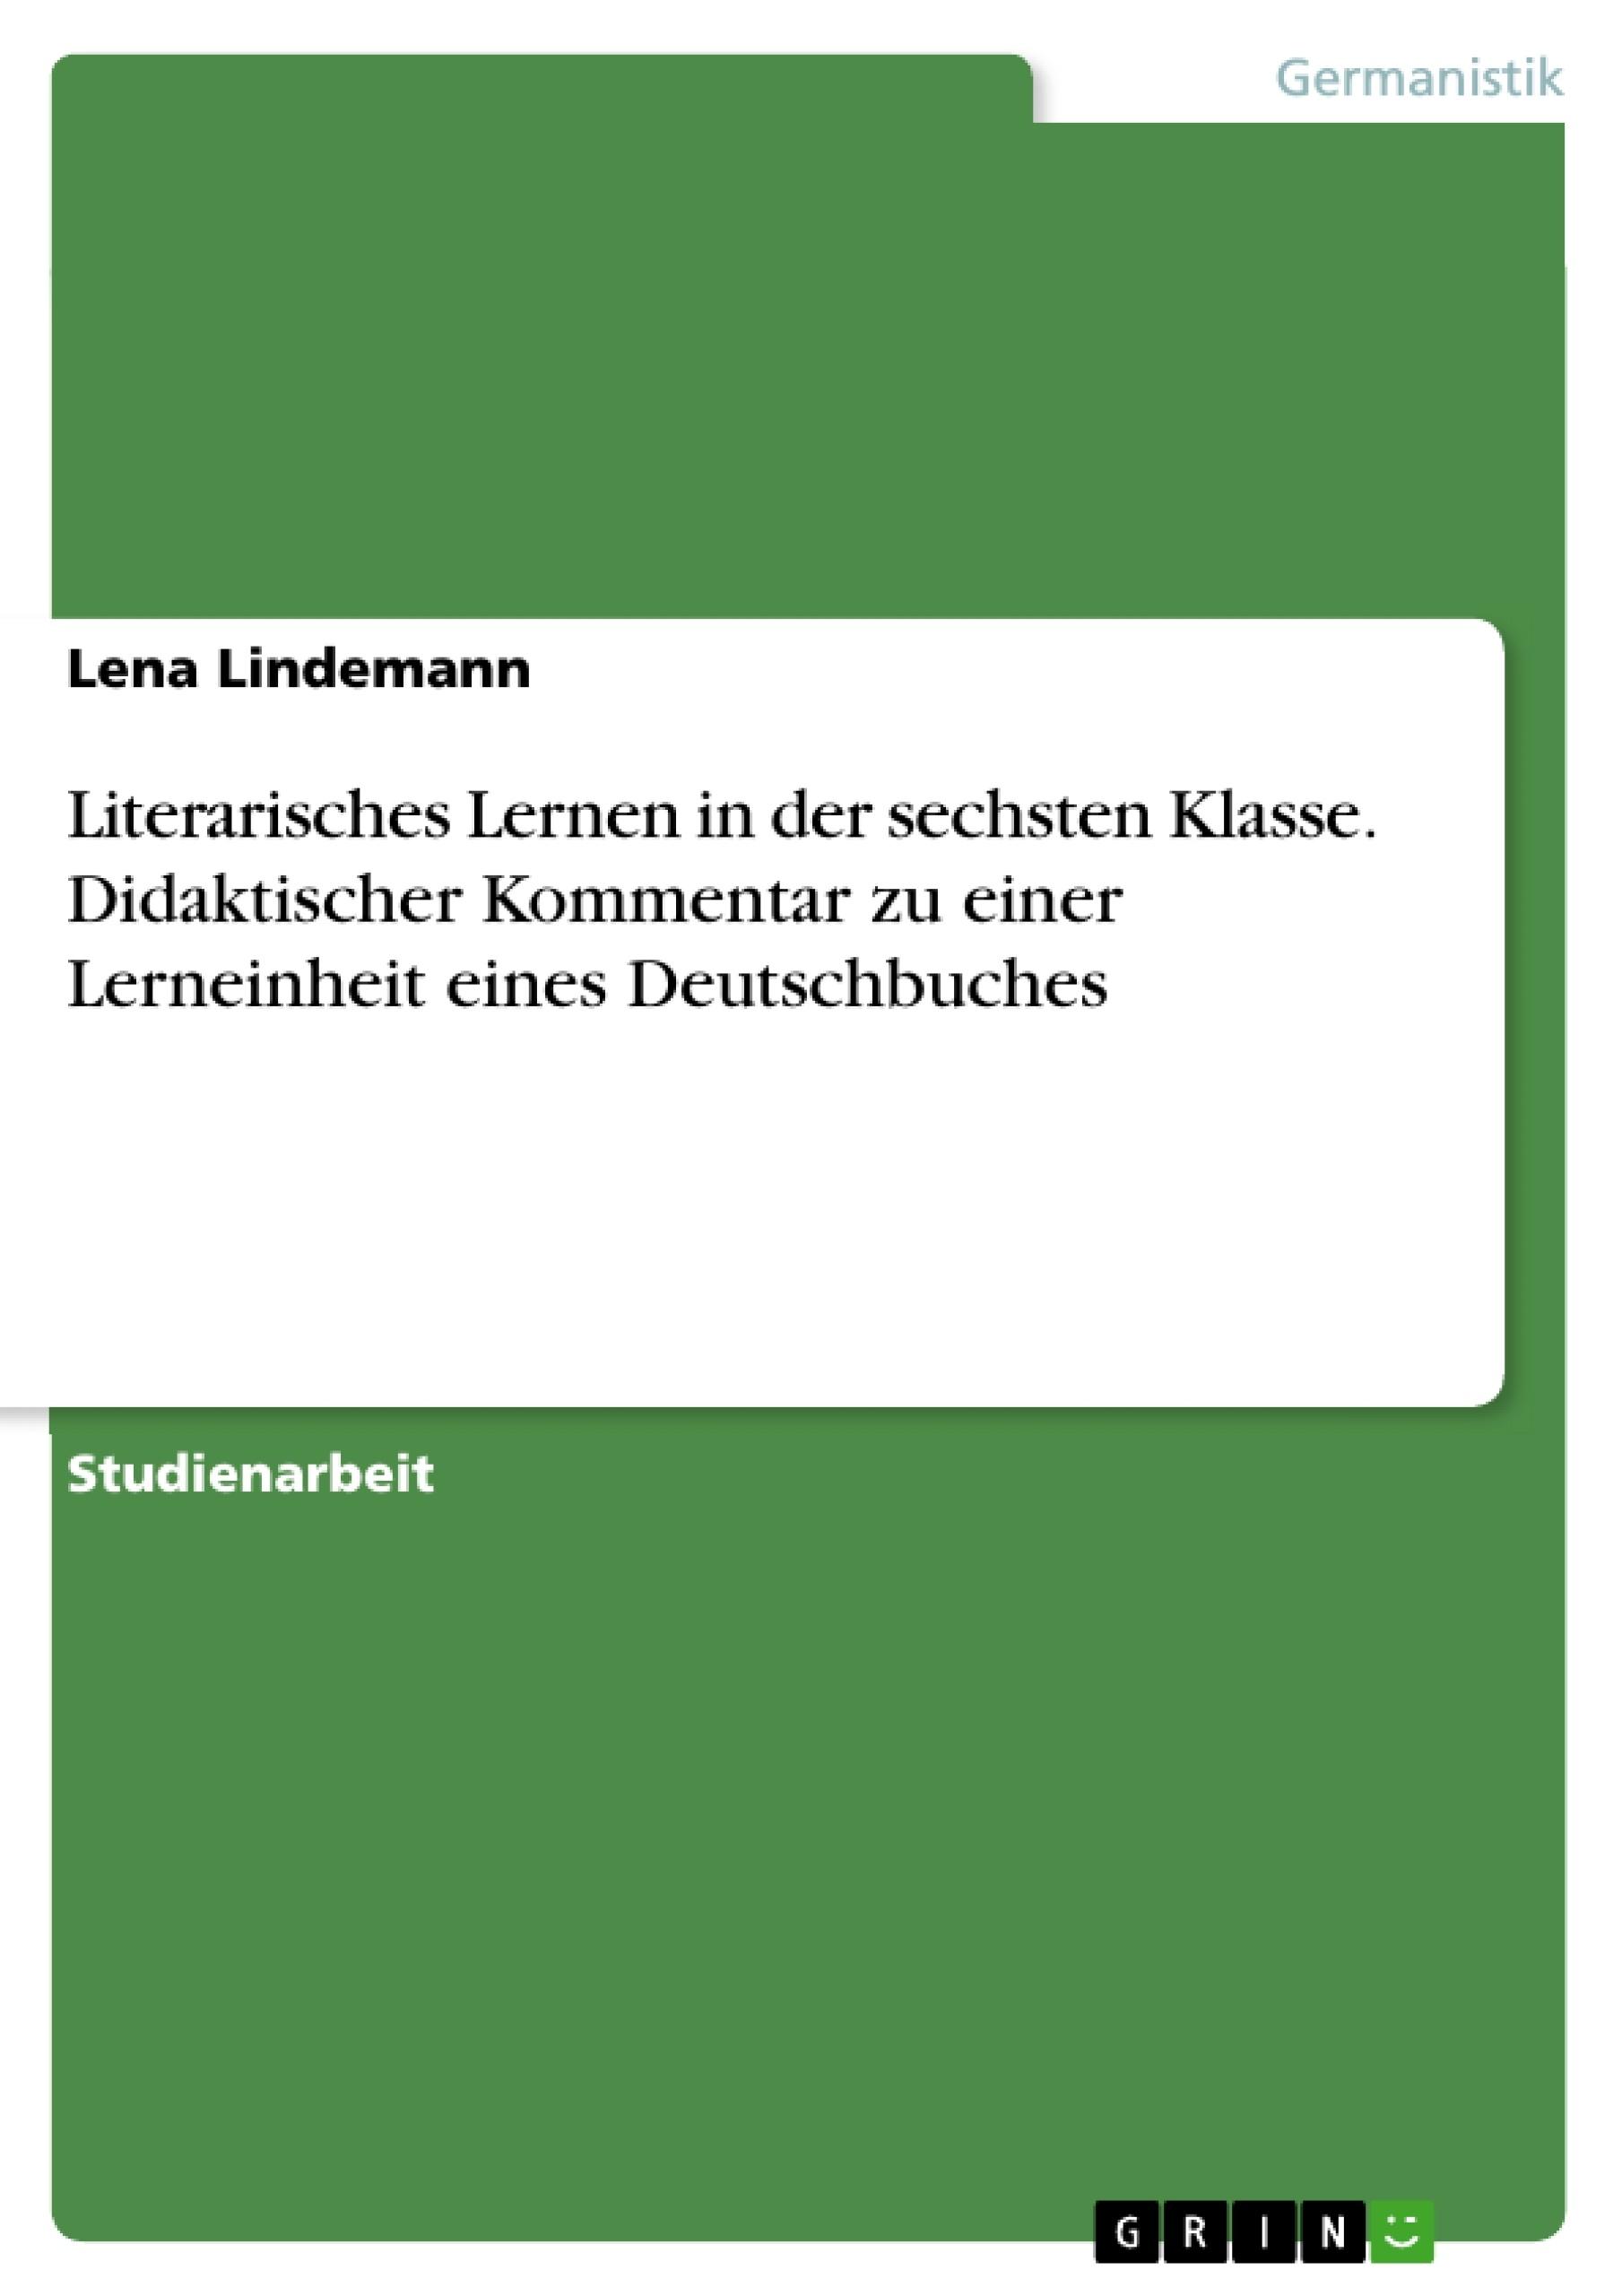 Titel: Literarisches Lernen in der sechsten Klasse. Didaktischer Kommentar zu einer Lerneinheit eines Deutschbuches